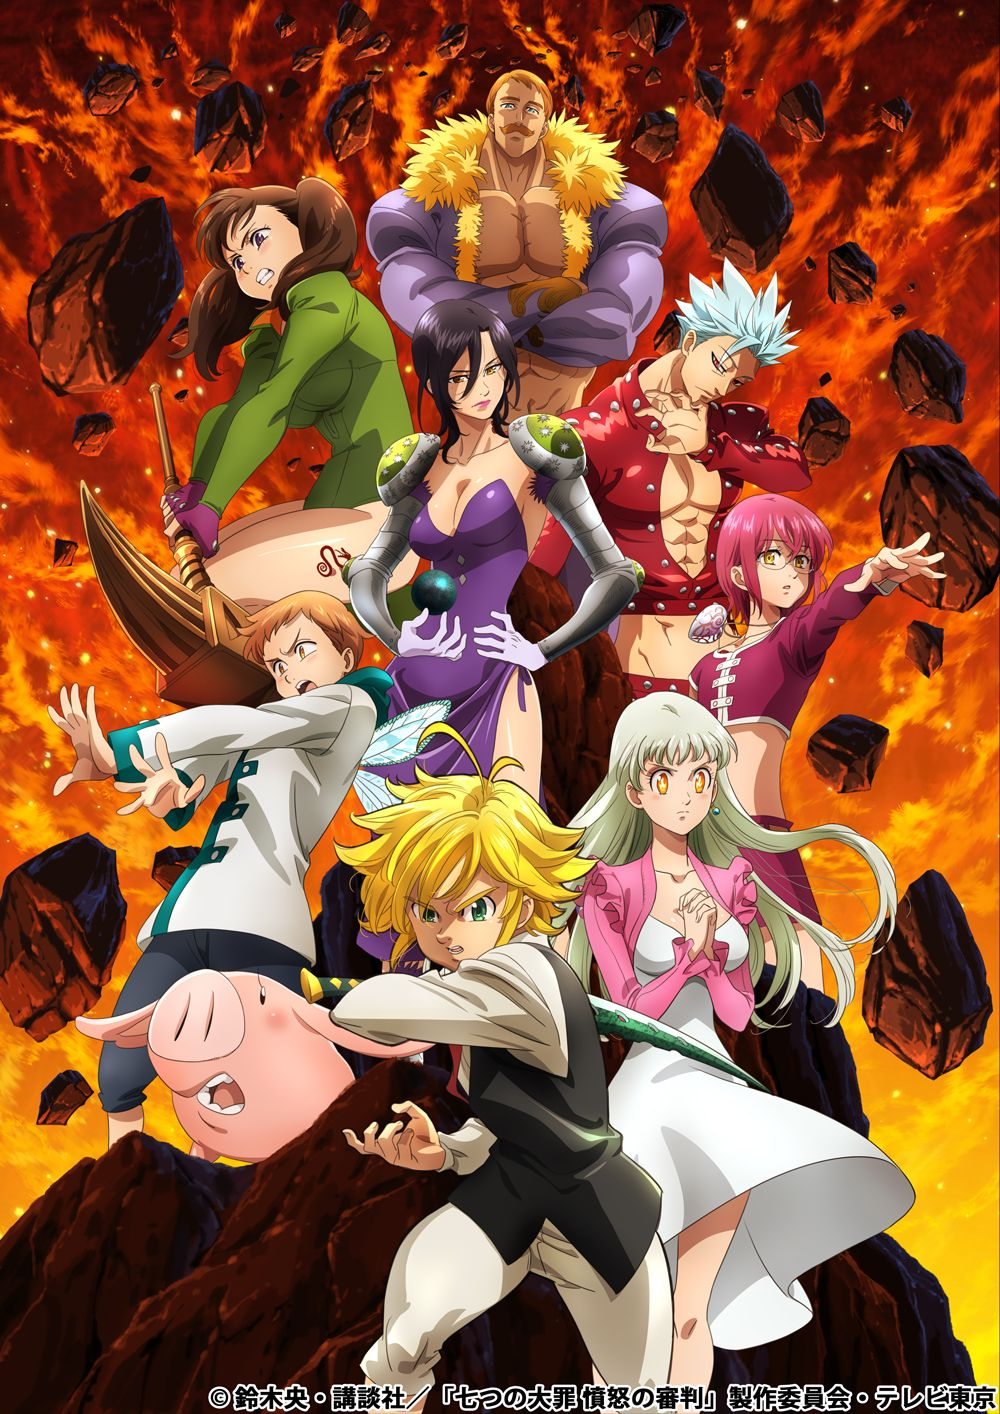 El Anime Nanatsu No Taizai Fundo No Shinpan Estrena Póster Oficial Anime 7 Pecados Capitales Imagenes Animadas Animé Fan Art